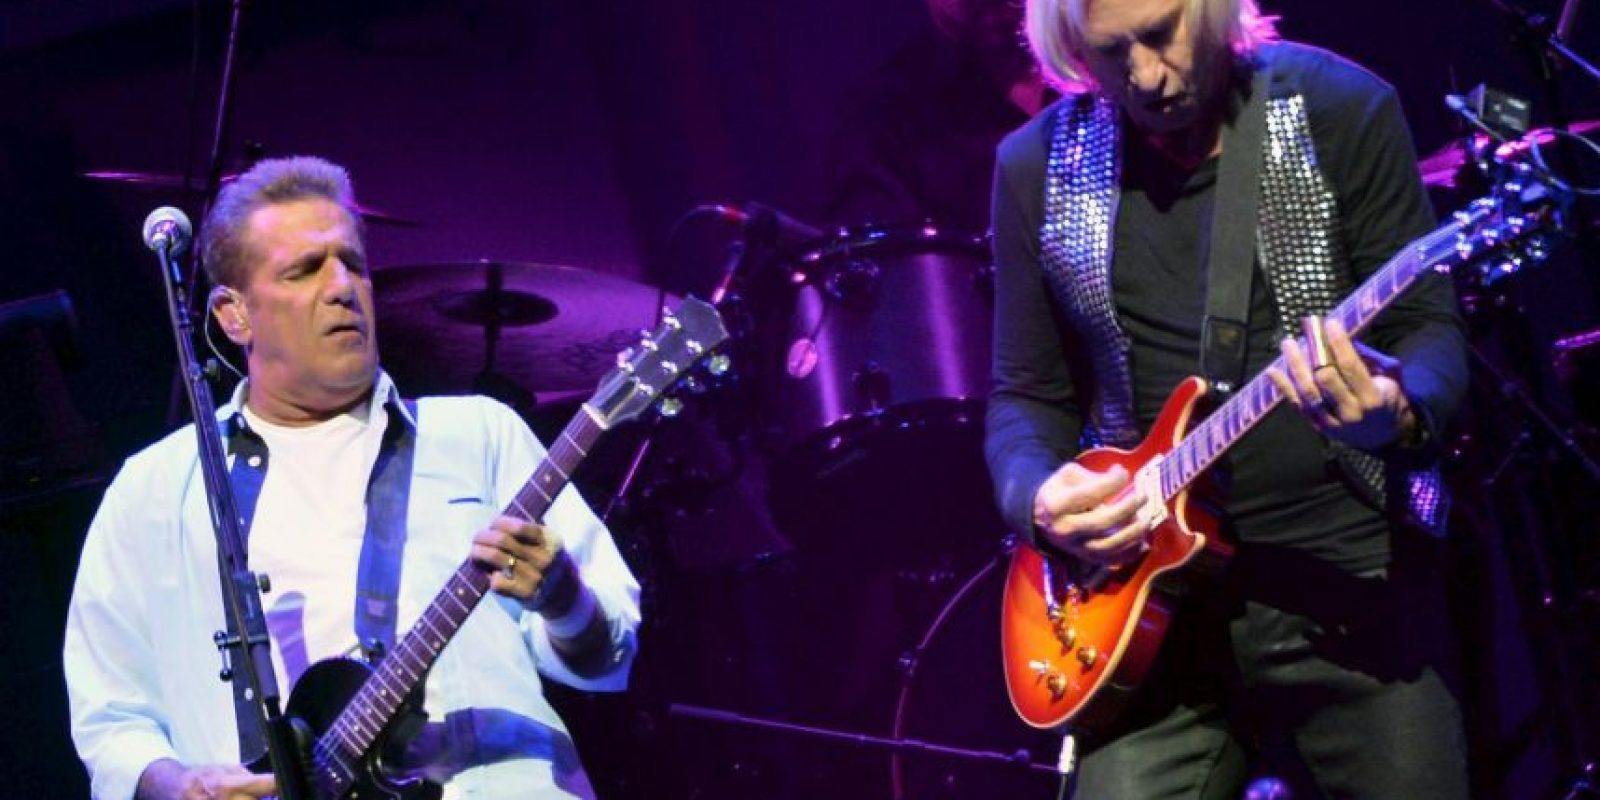 """En 2007, Frey y los otros miembros de Eagles sacaron un nuevo disco, """"Long Road Out Of Eden"""", con el que realizaron un tour (2007-2009) que los llevó por América y Europa. Foto:Getty Images. Imagen Por:"""